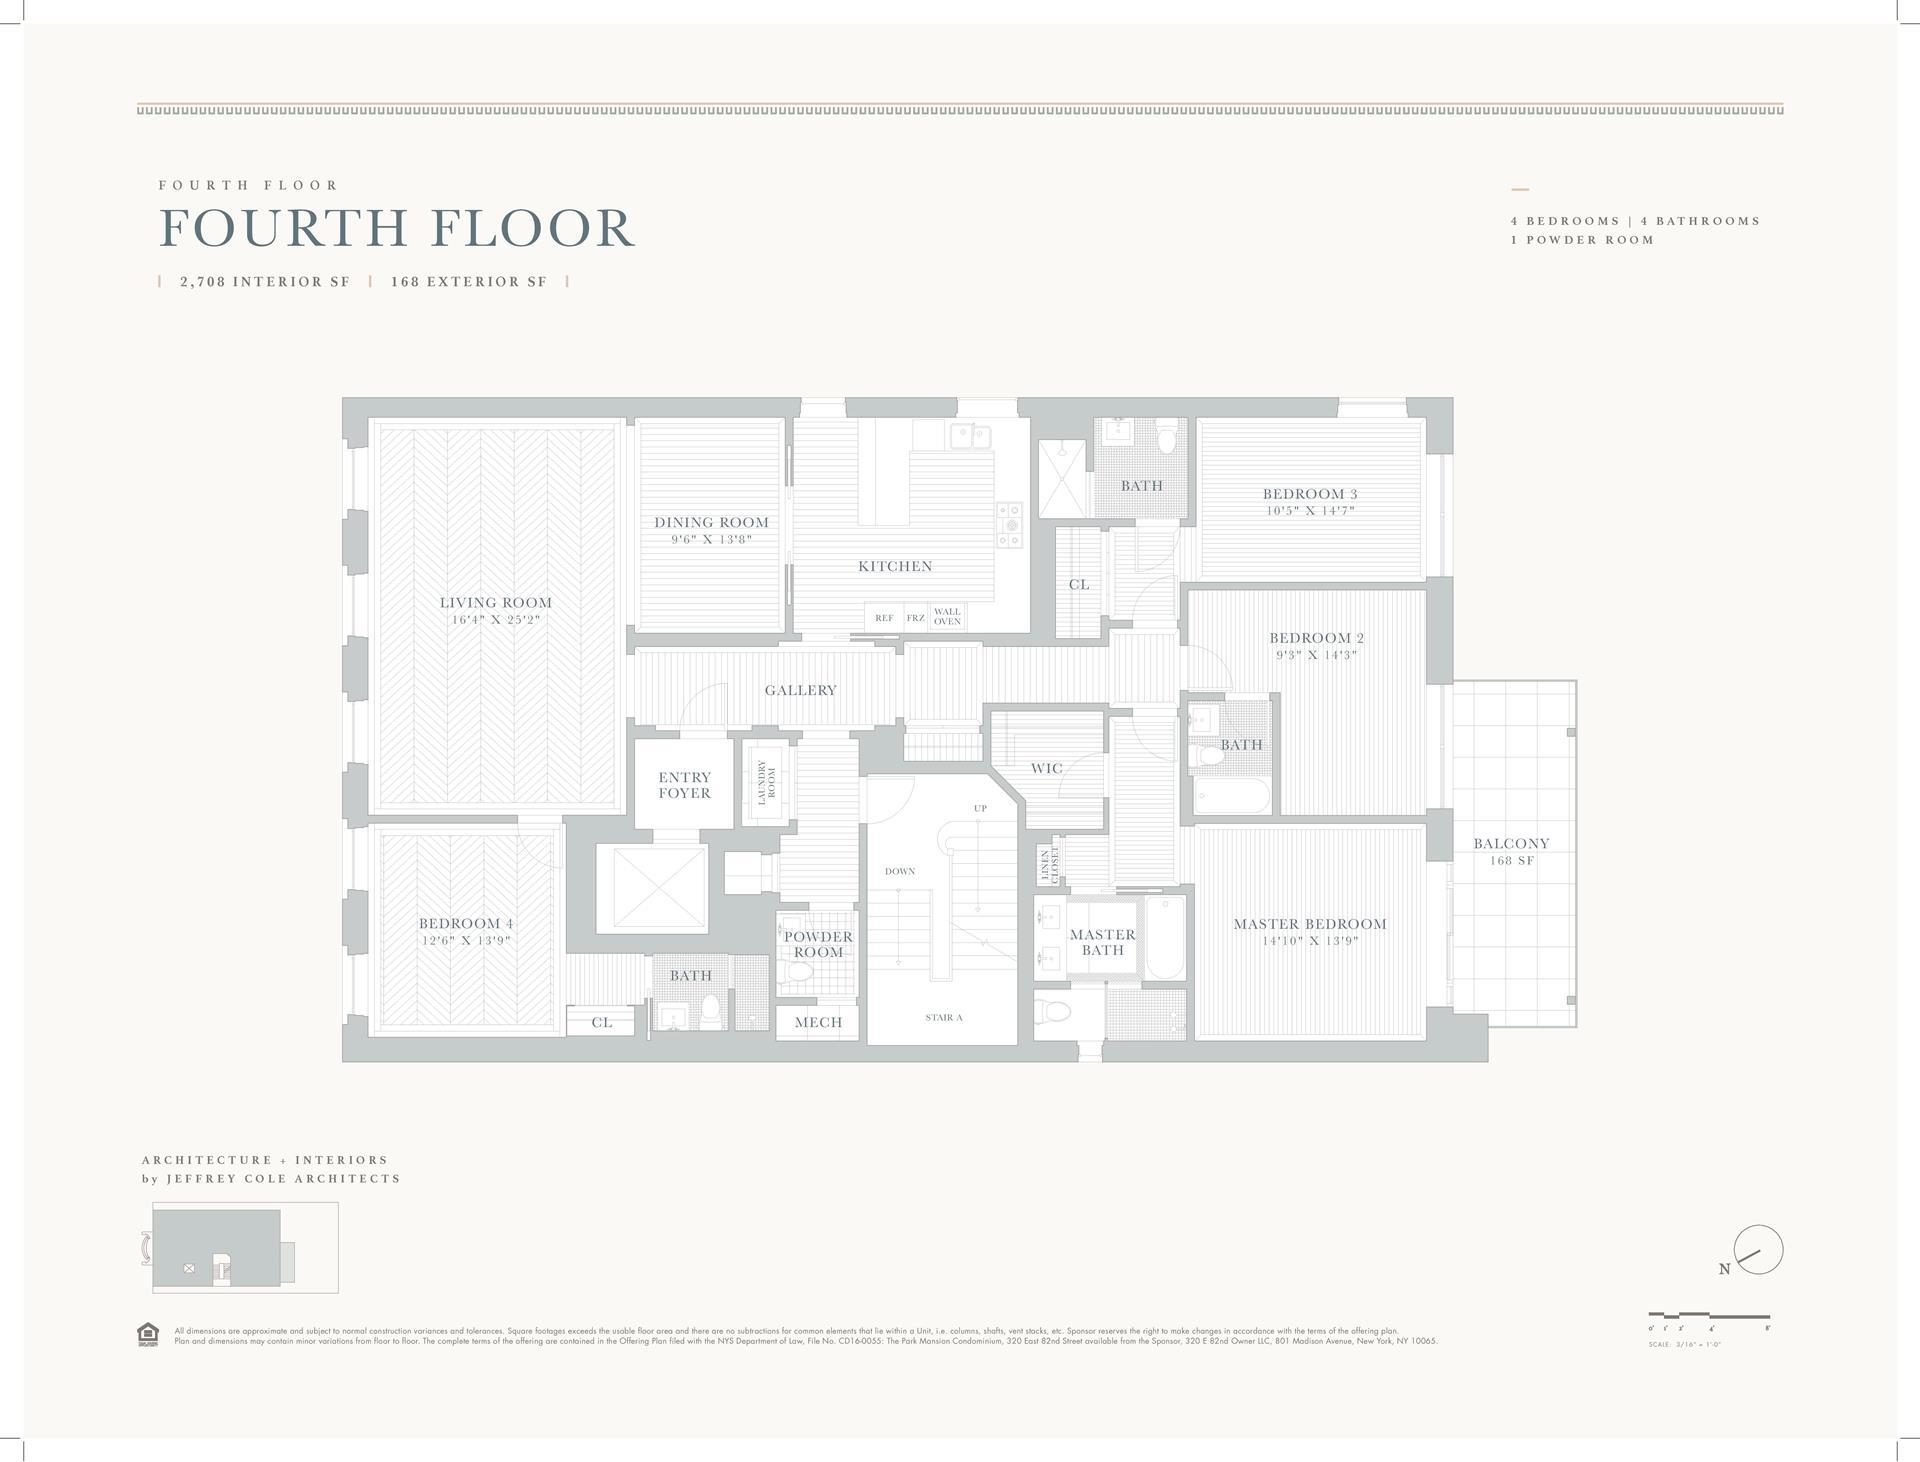 Floor plan of 320 East 82nd St, 4 - Upper East Side, New York